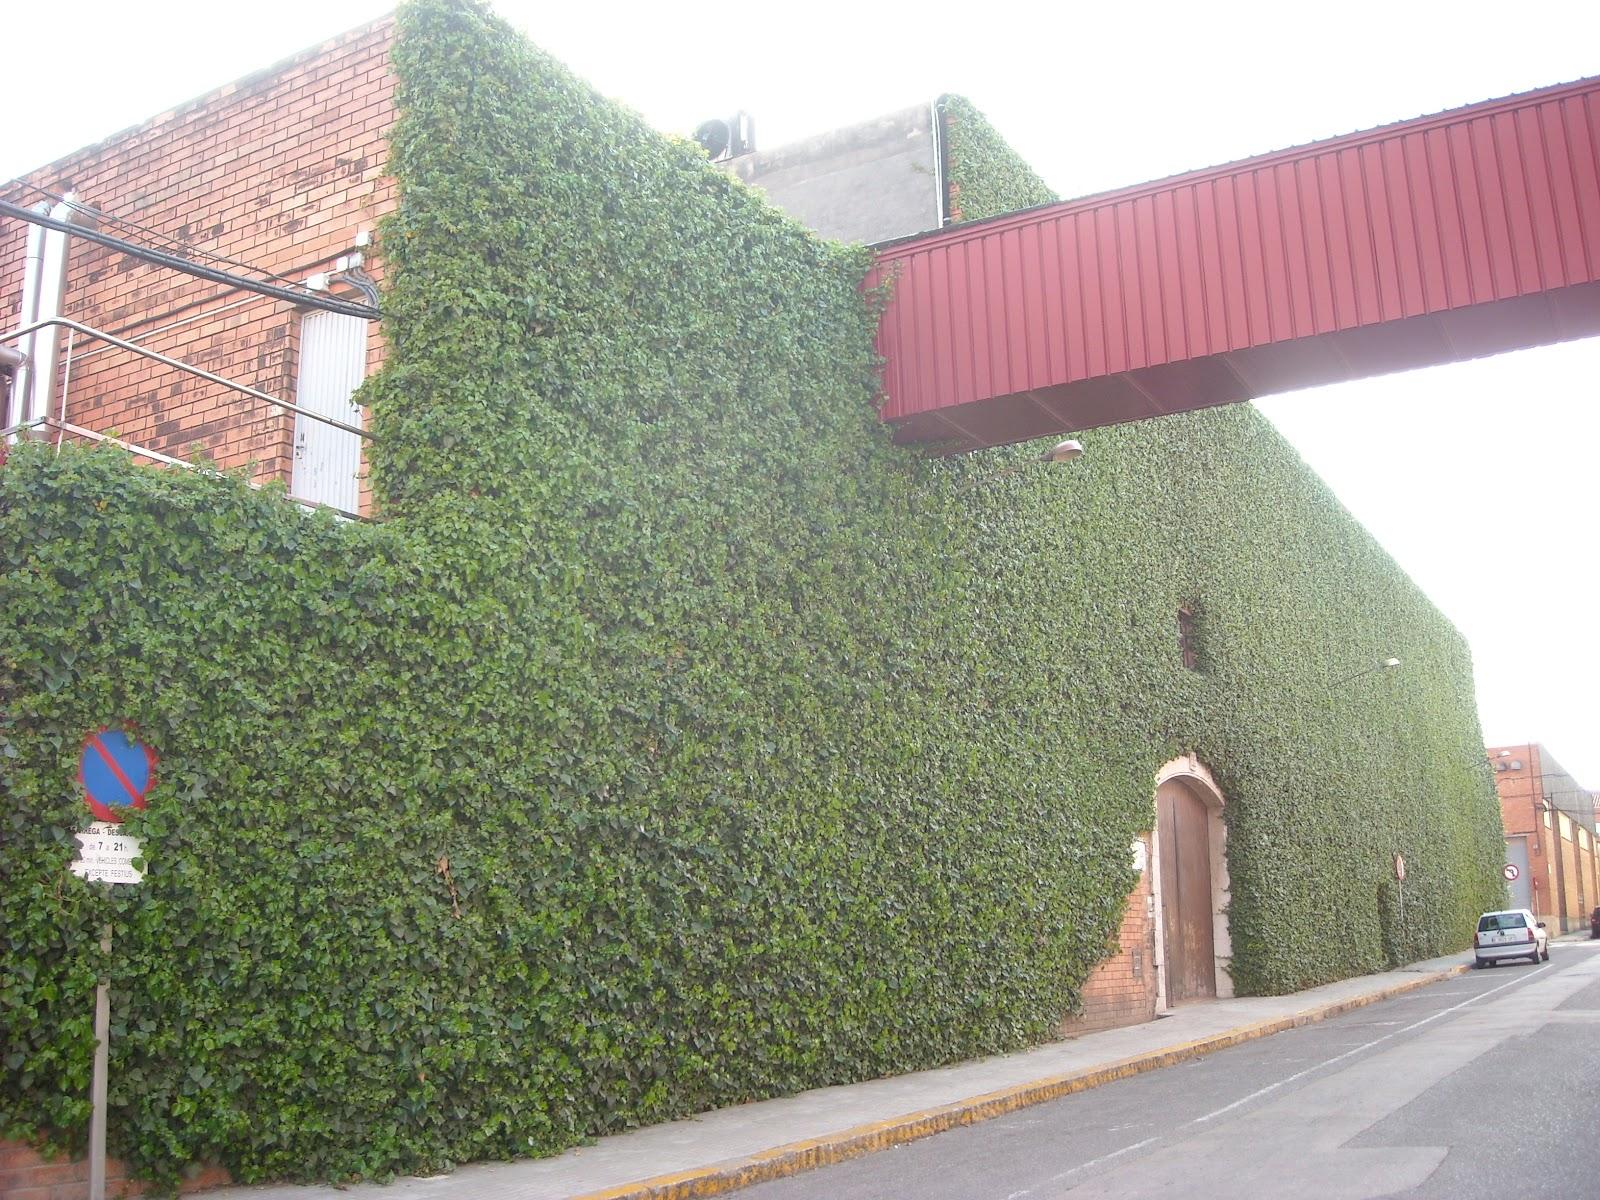 Es esta una fachada verde jardines verticales y for Muros y fachadas verdes jardines verticales